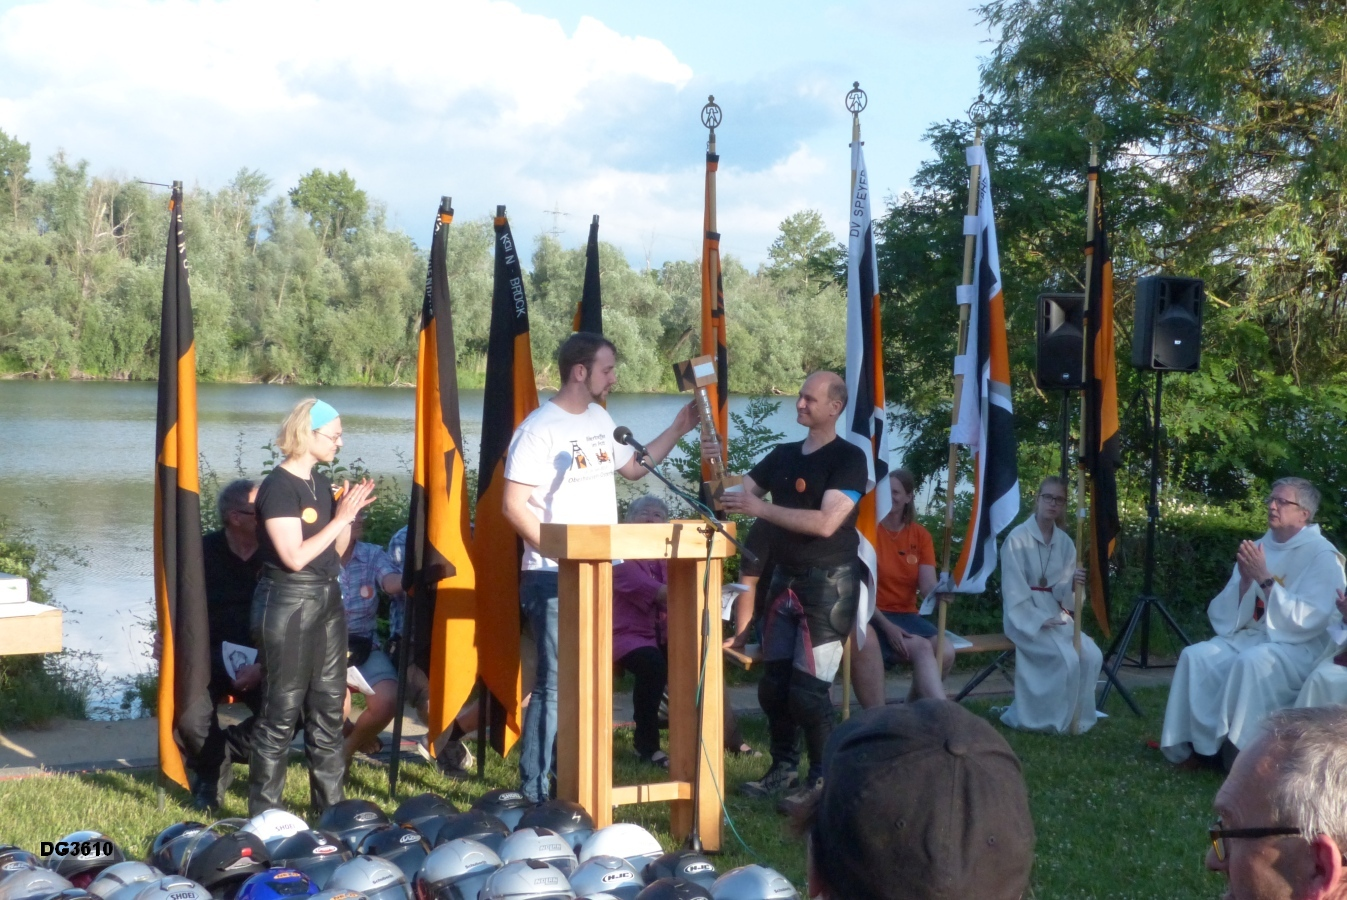 Übergabe des Kolping-Bikertreffenwanderpokals an die Kolpingsfamilie Castrop-Rauxel Frohlinde